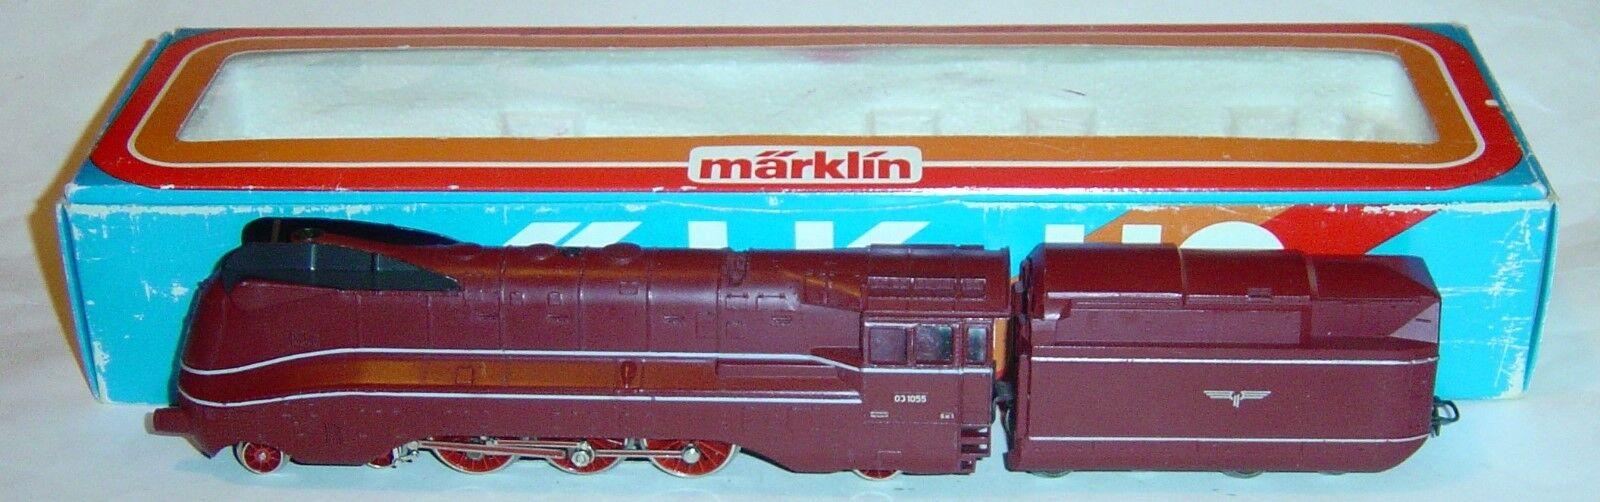 MARKLIN HO, LOCOMOTORA DE VAPOR BR03 1055 REF. 3089 ¡CON FUMIGENO , ¡DIGITAL ,